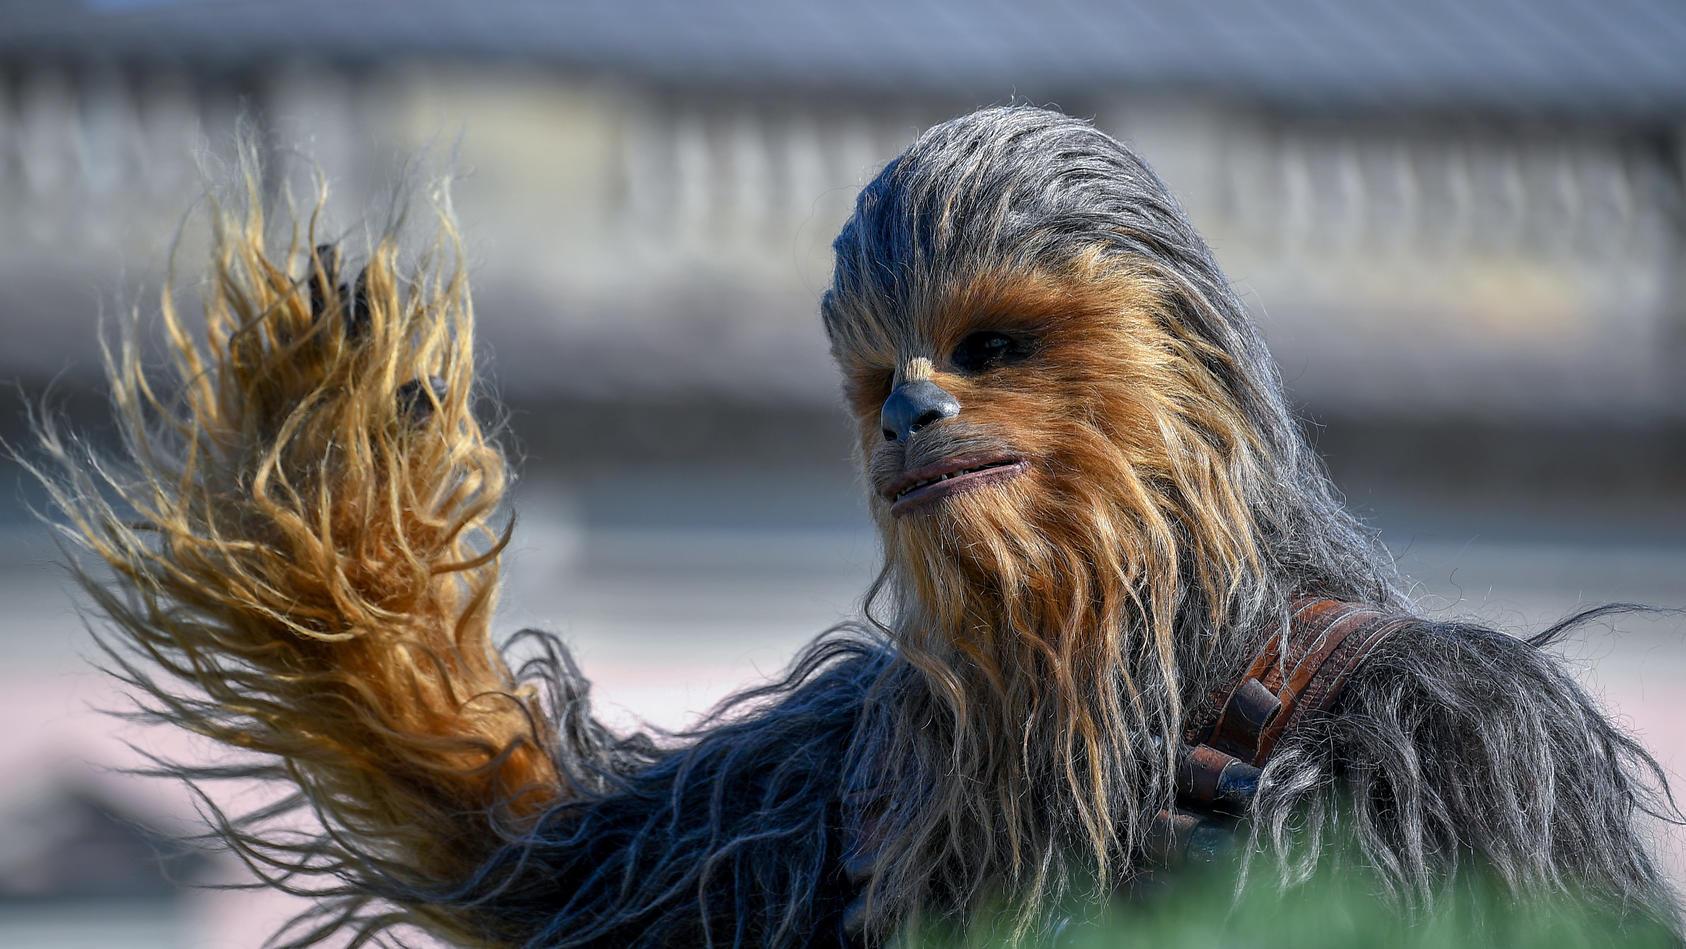 """Chewbacca, mit dem Spitznamen """"Chewie"""", ist eine fiktive Figur in der Star Wars-Reihe."""